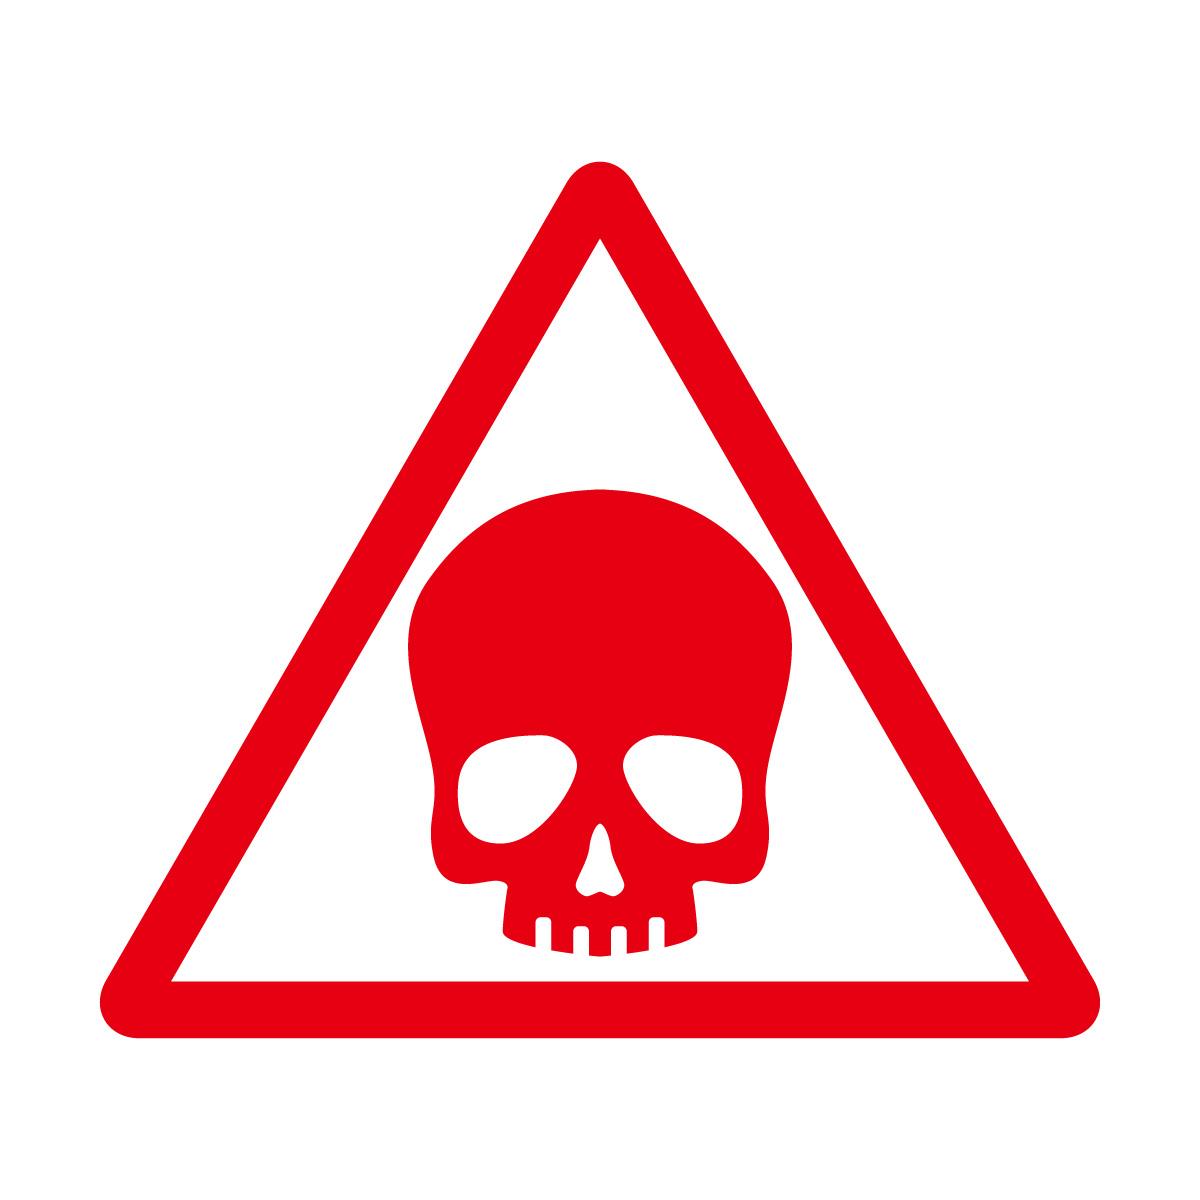 赤色のドクロ・有害・危険・猛毒・注意マークのカッティングステッカー・シール 光沢タイプ・防水・耐水・屋外耐候3~4年